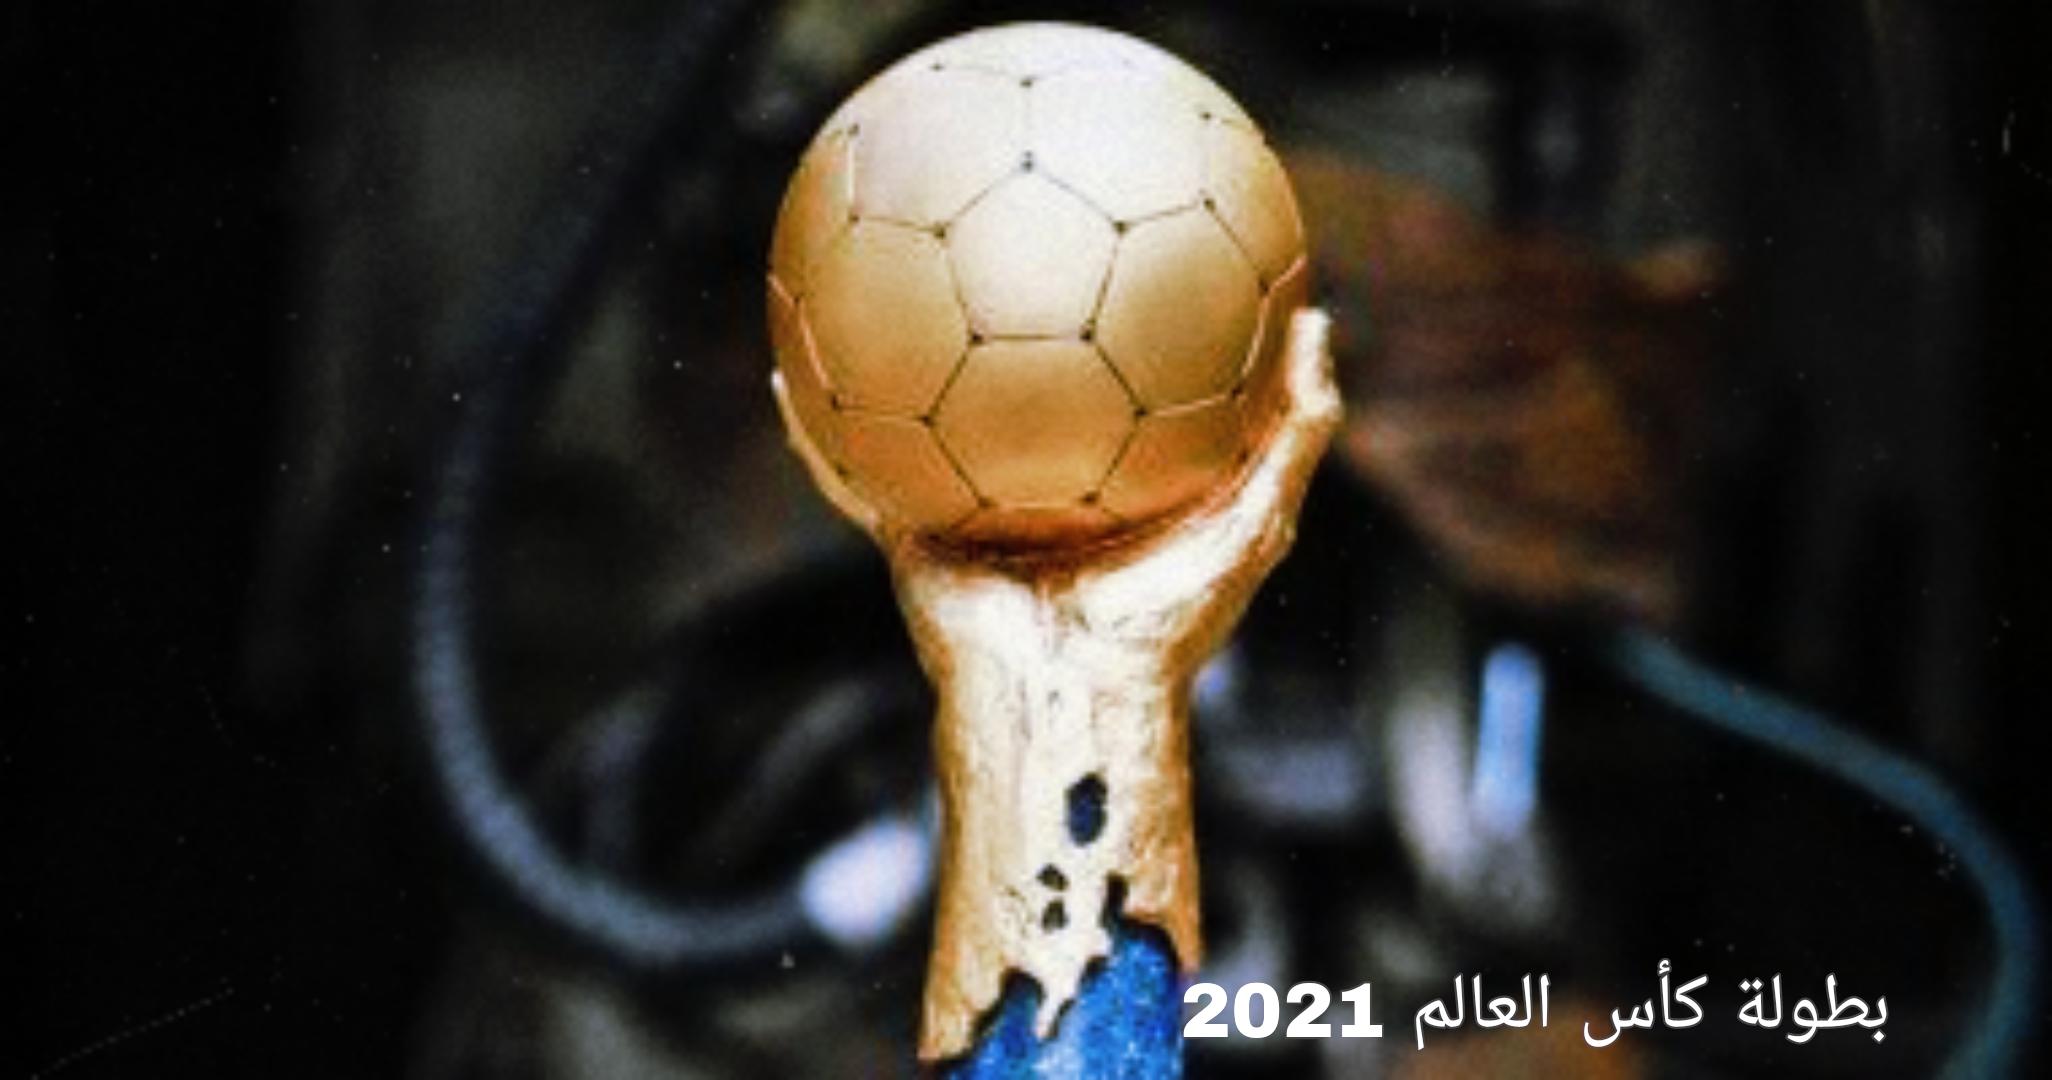 بطولة كأس العالم لكرة اليد 2021